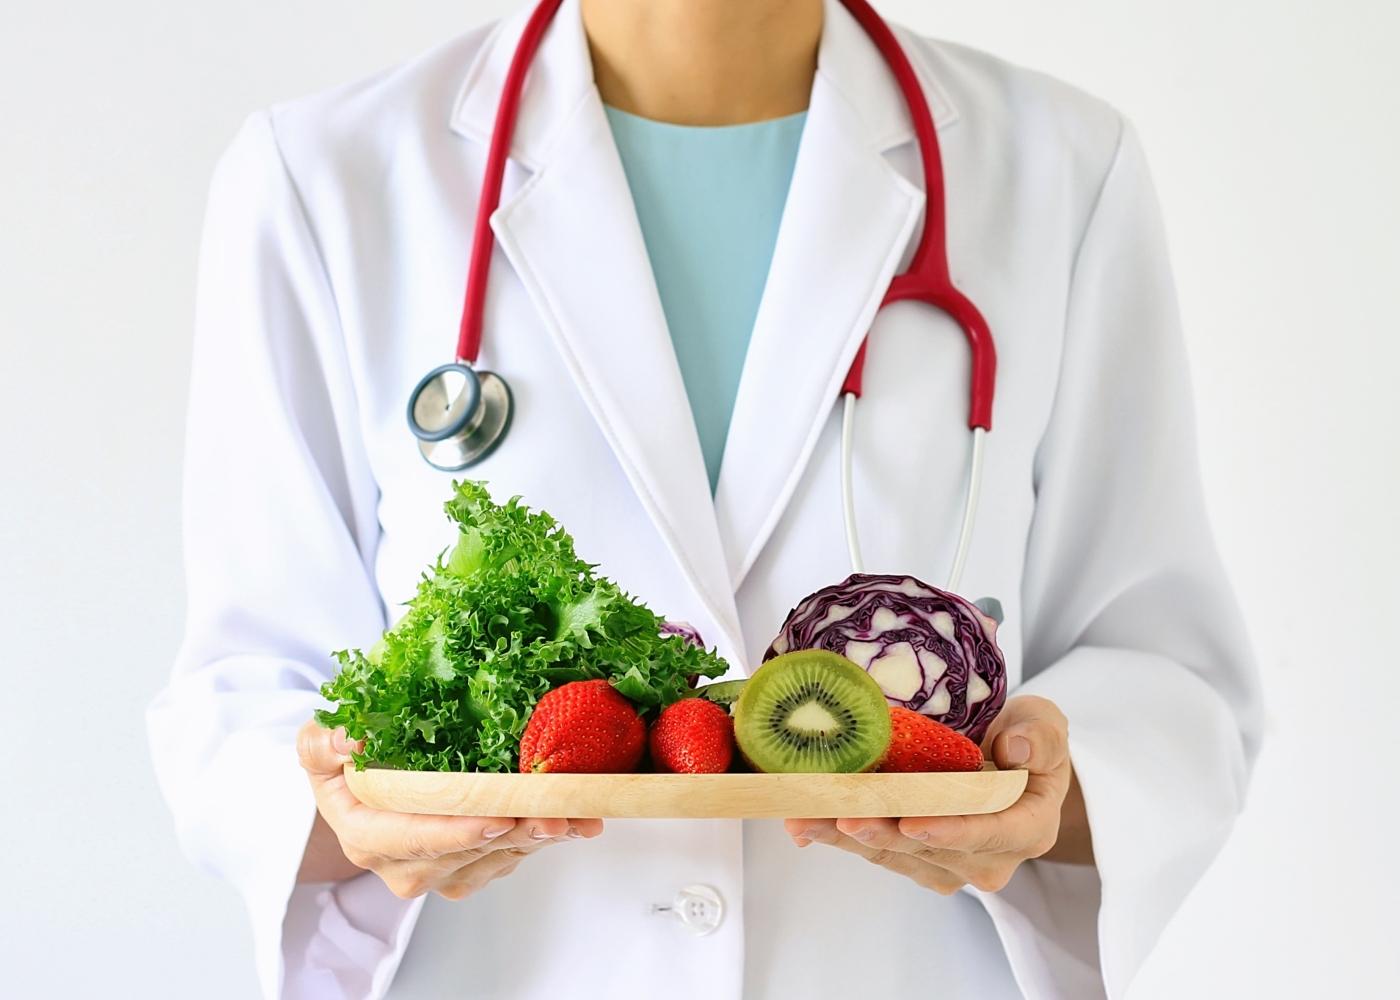 Médico a segurar tabuleiro com frutas e legumes